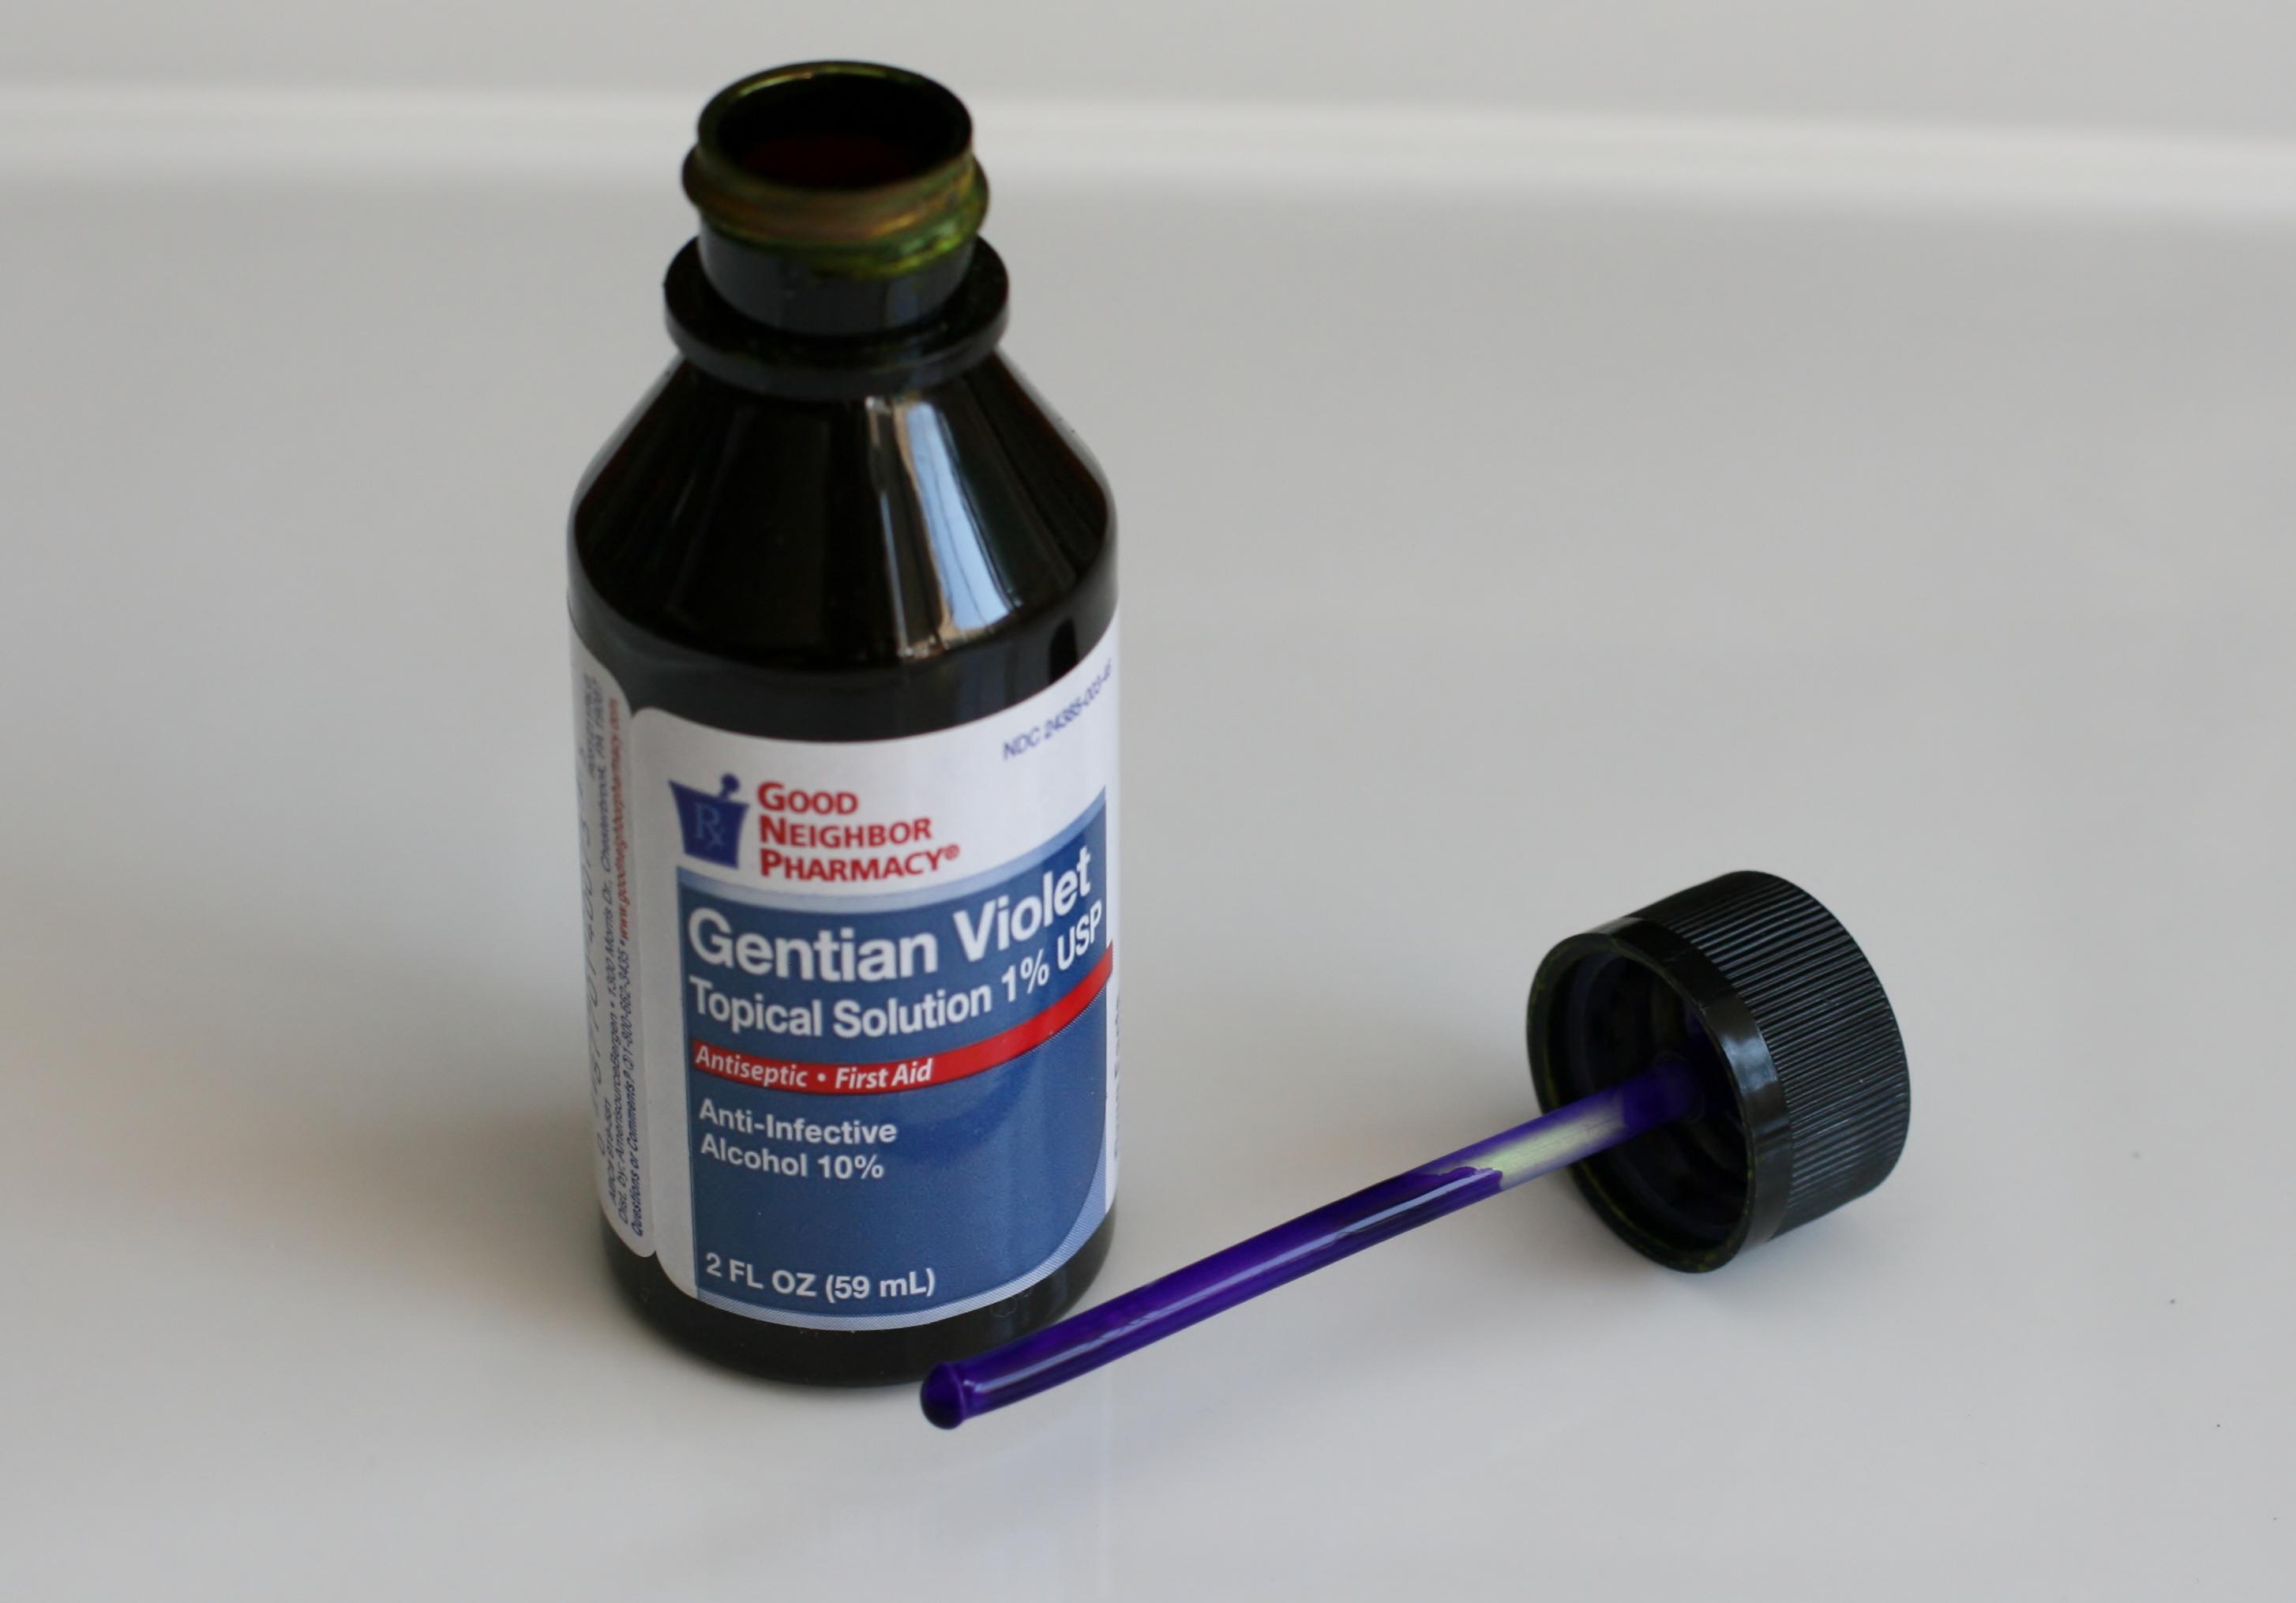 Gentian violet